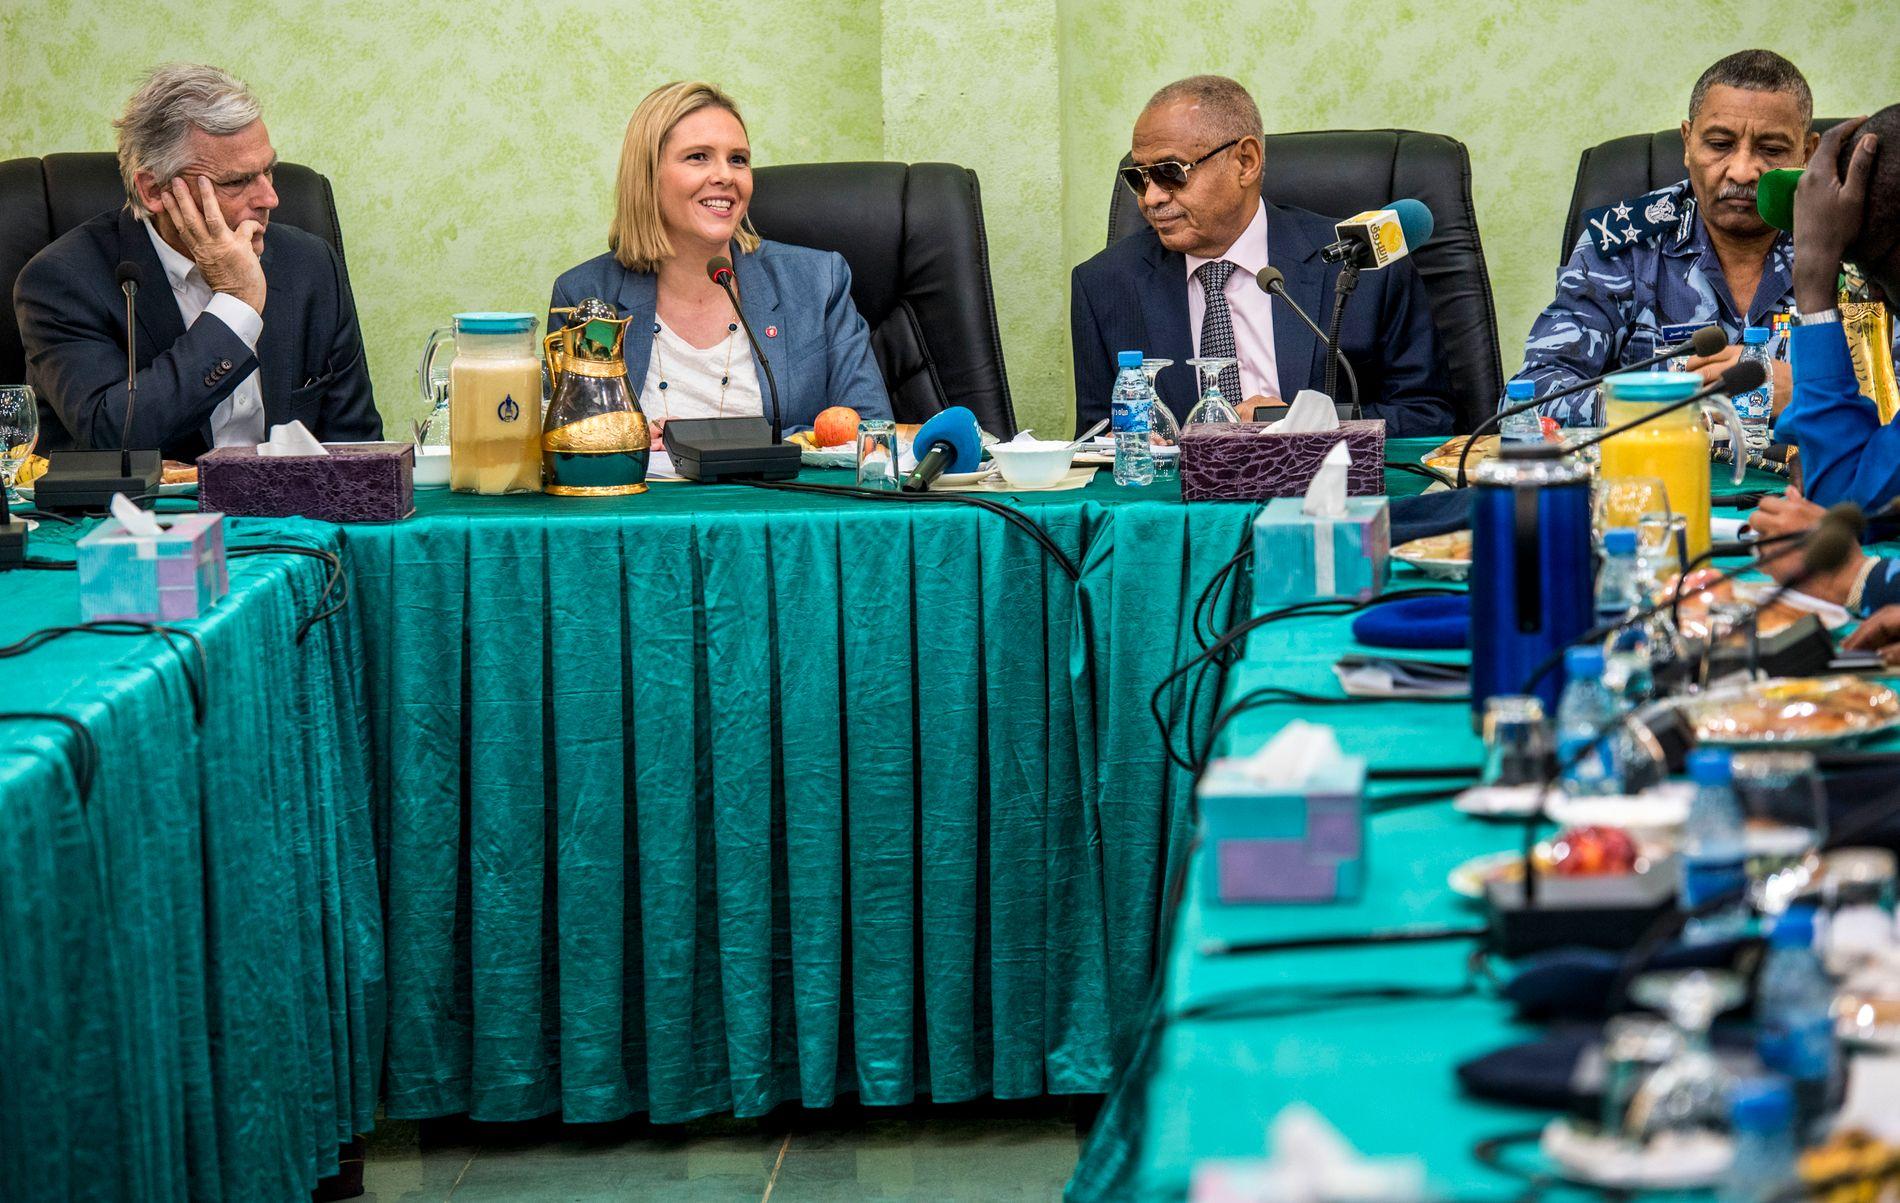 MØTER OM RETURAVTALER: Innvandrings- og integreringsminister Sylvi Listhaug var tirsdag i et møte med Sudans innenriksminister, general Hamid Manan.